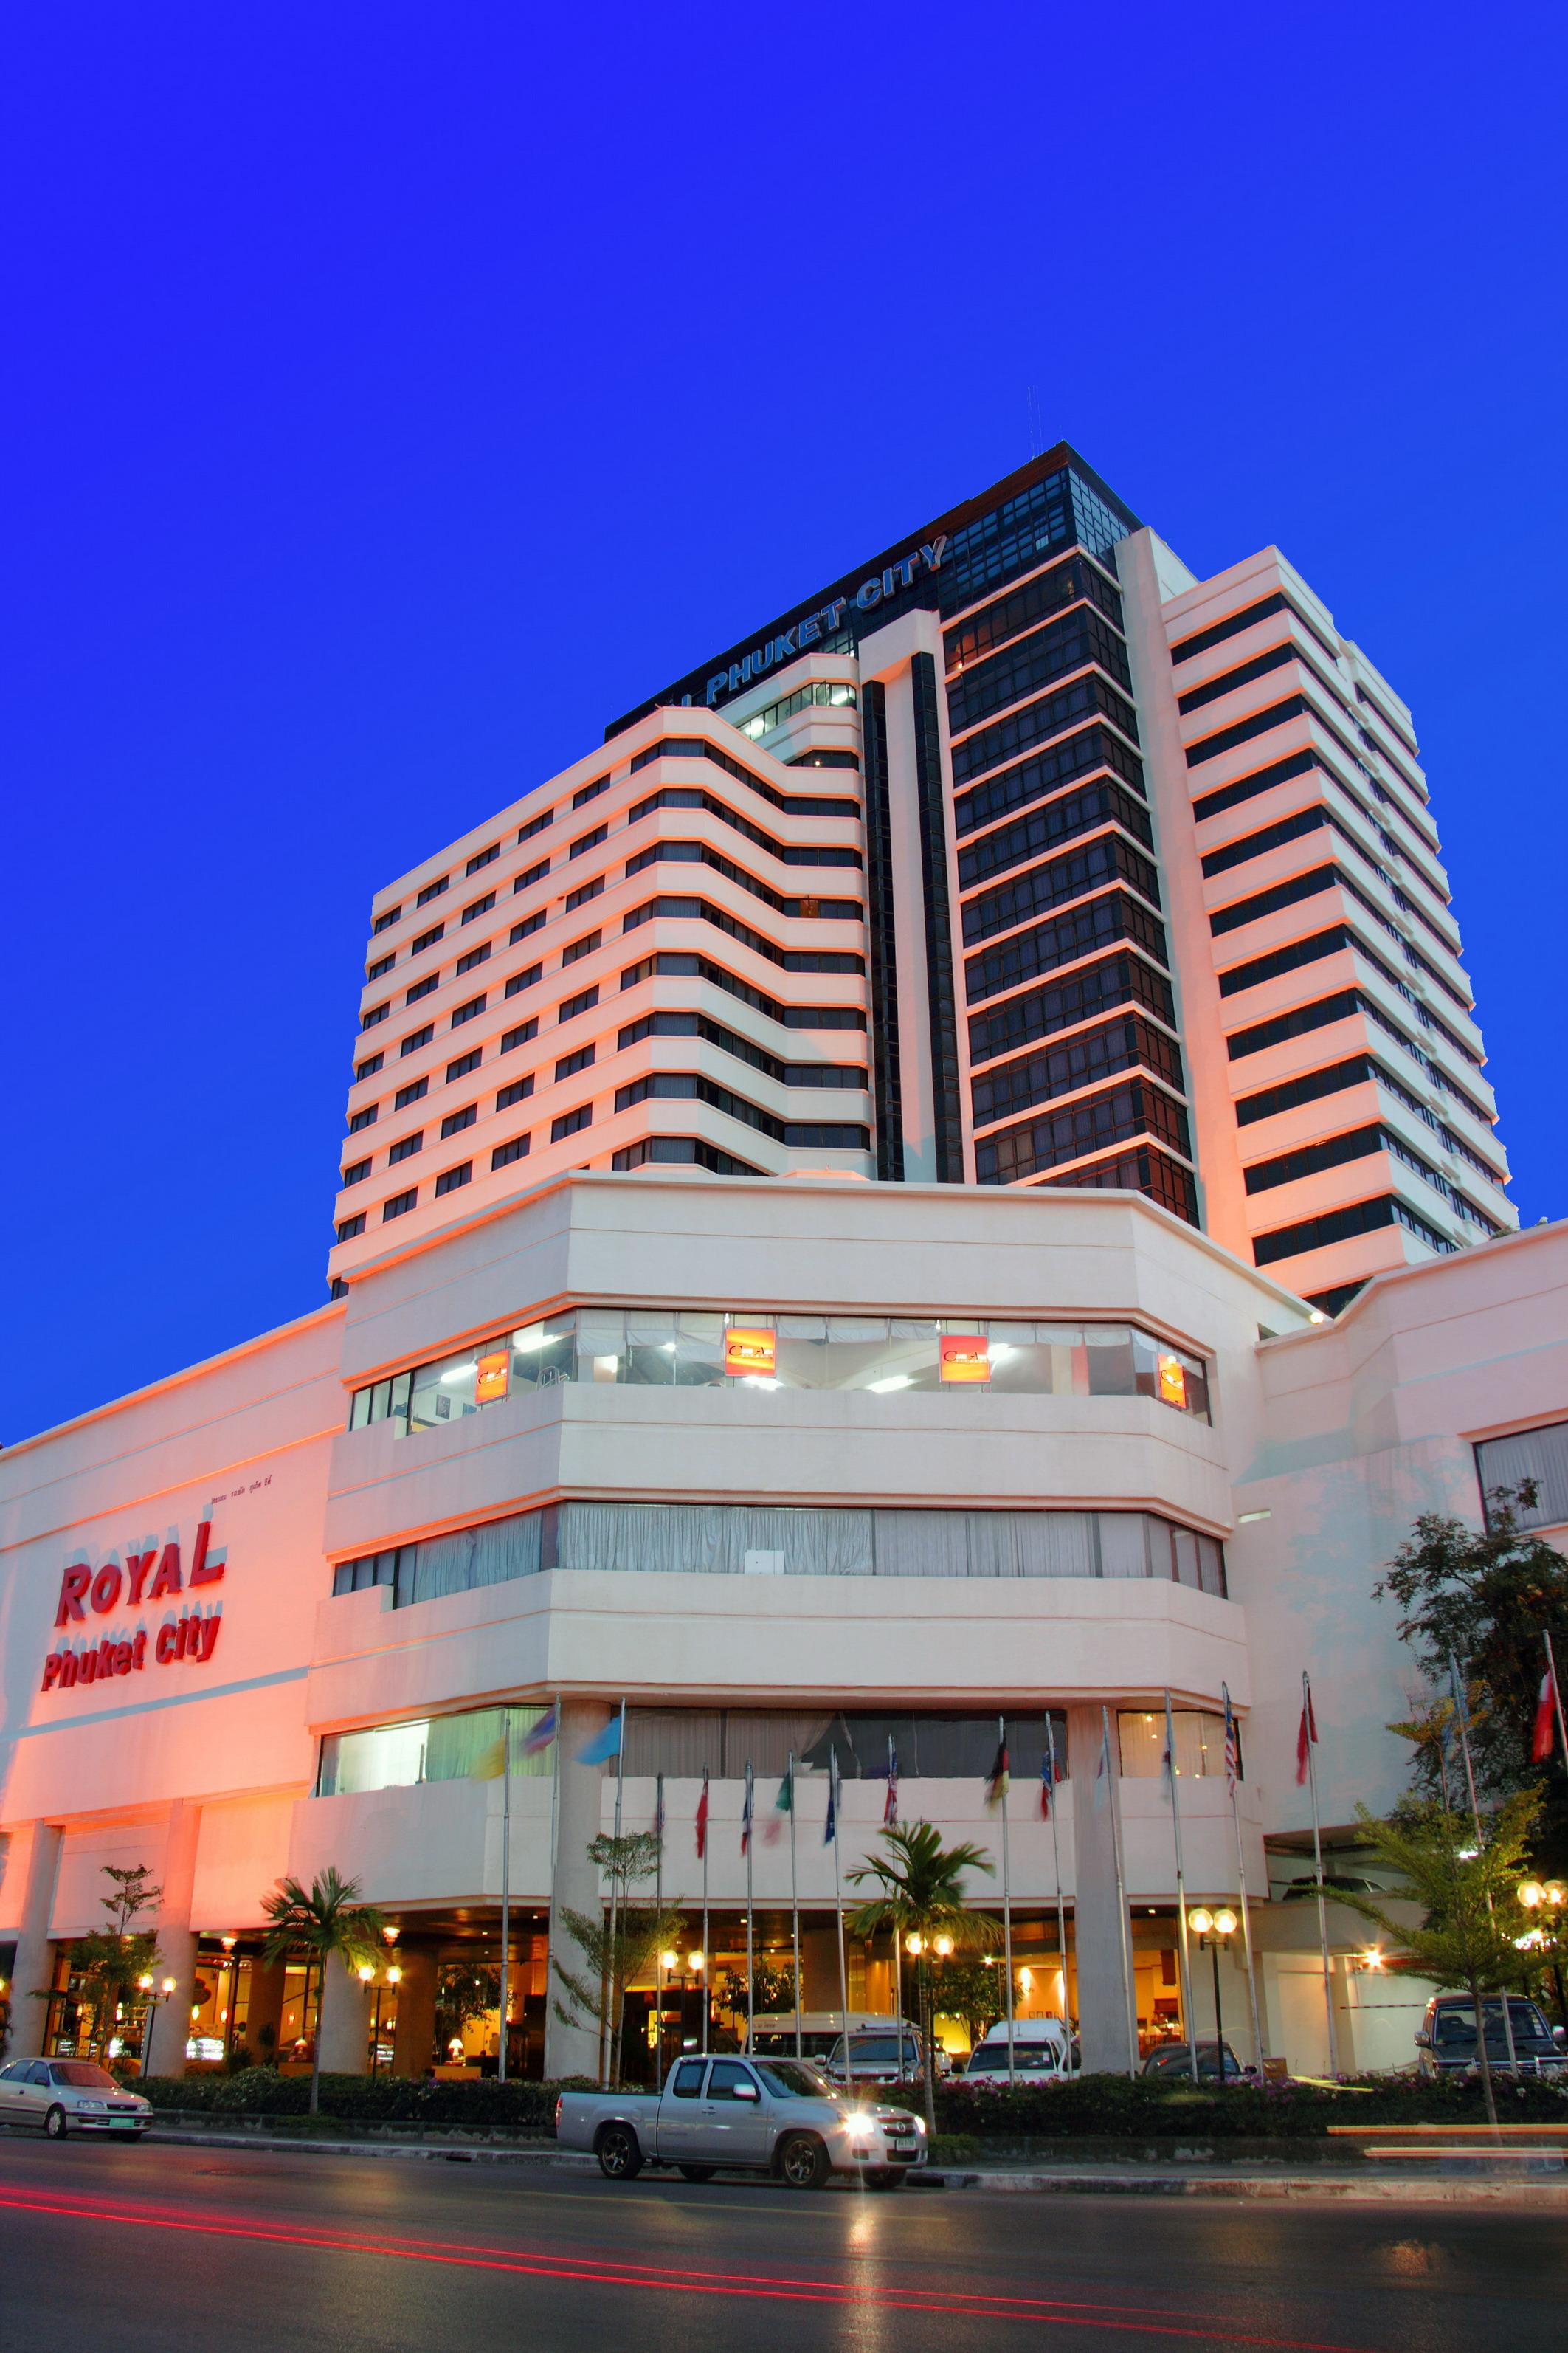 royal phuket city hotel. Black Bedroom Furniture Sets. Home Design Ideas